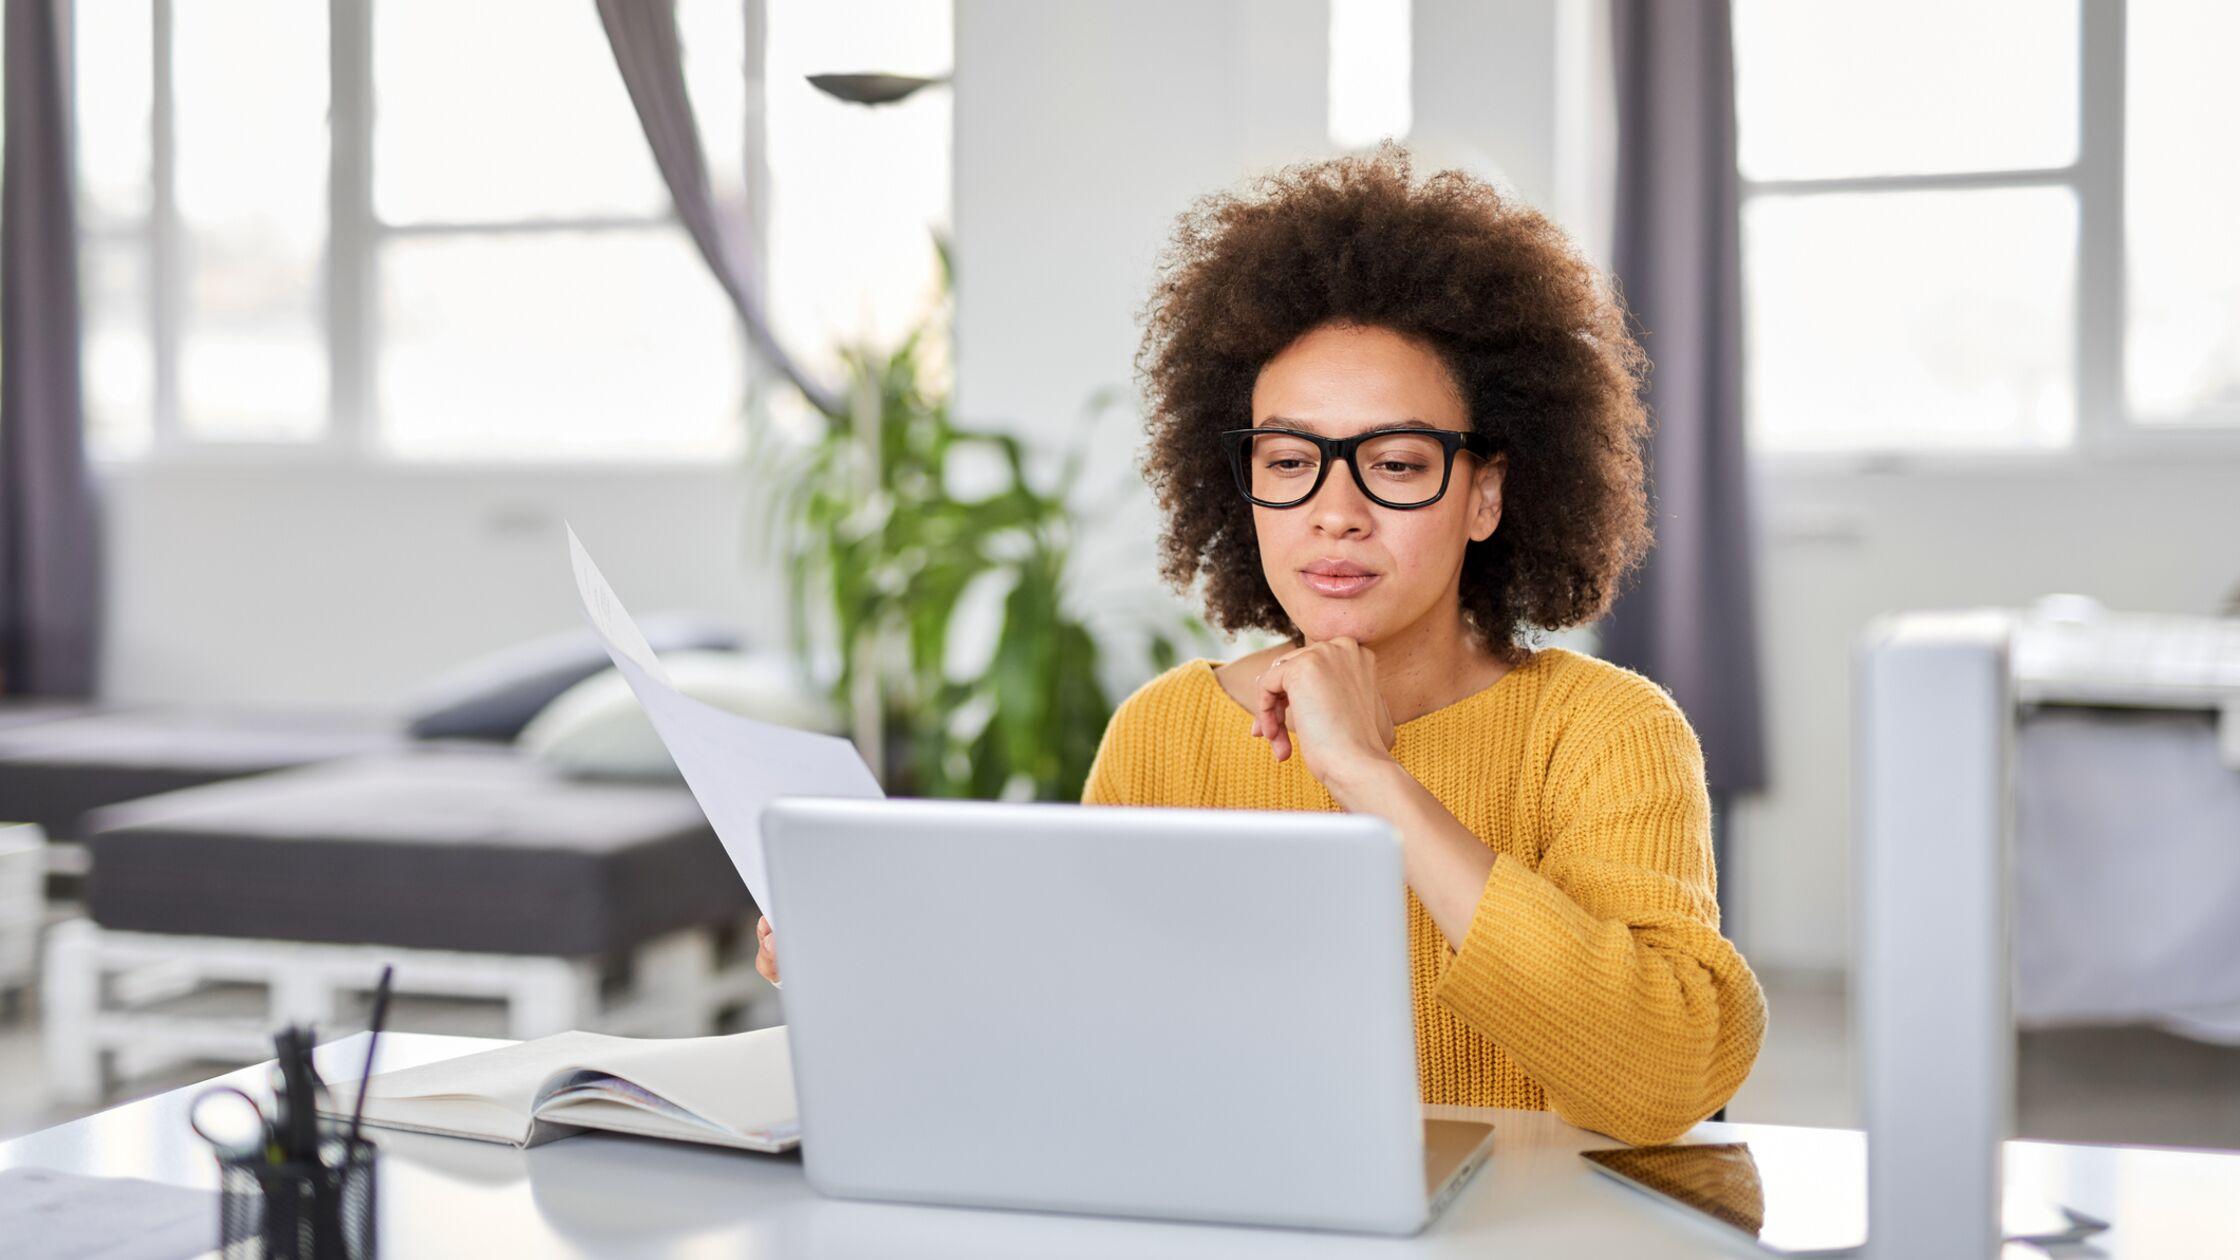 Frau überprüft ihren Mietvertrag auf Sonderkündigungsrecht